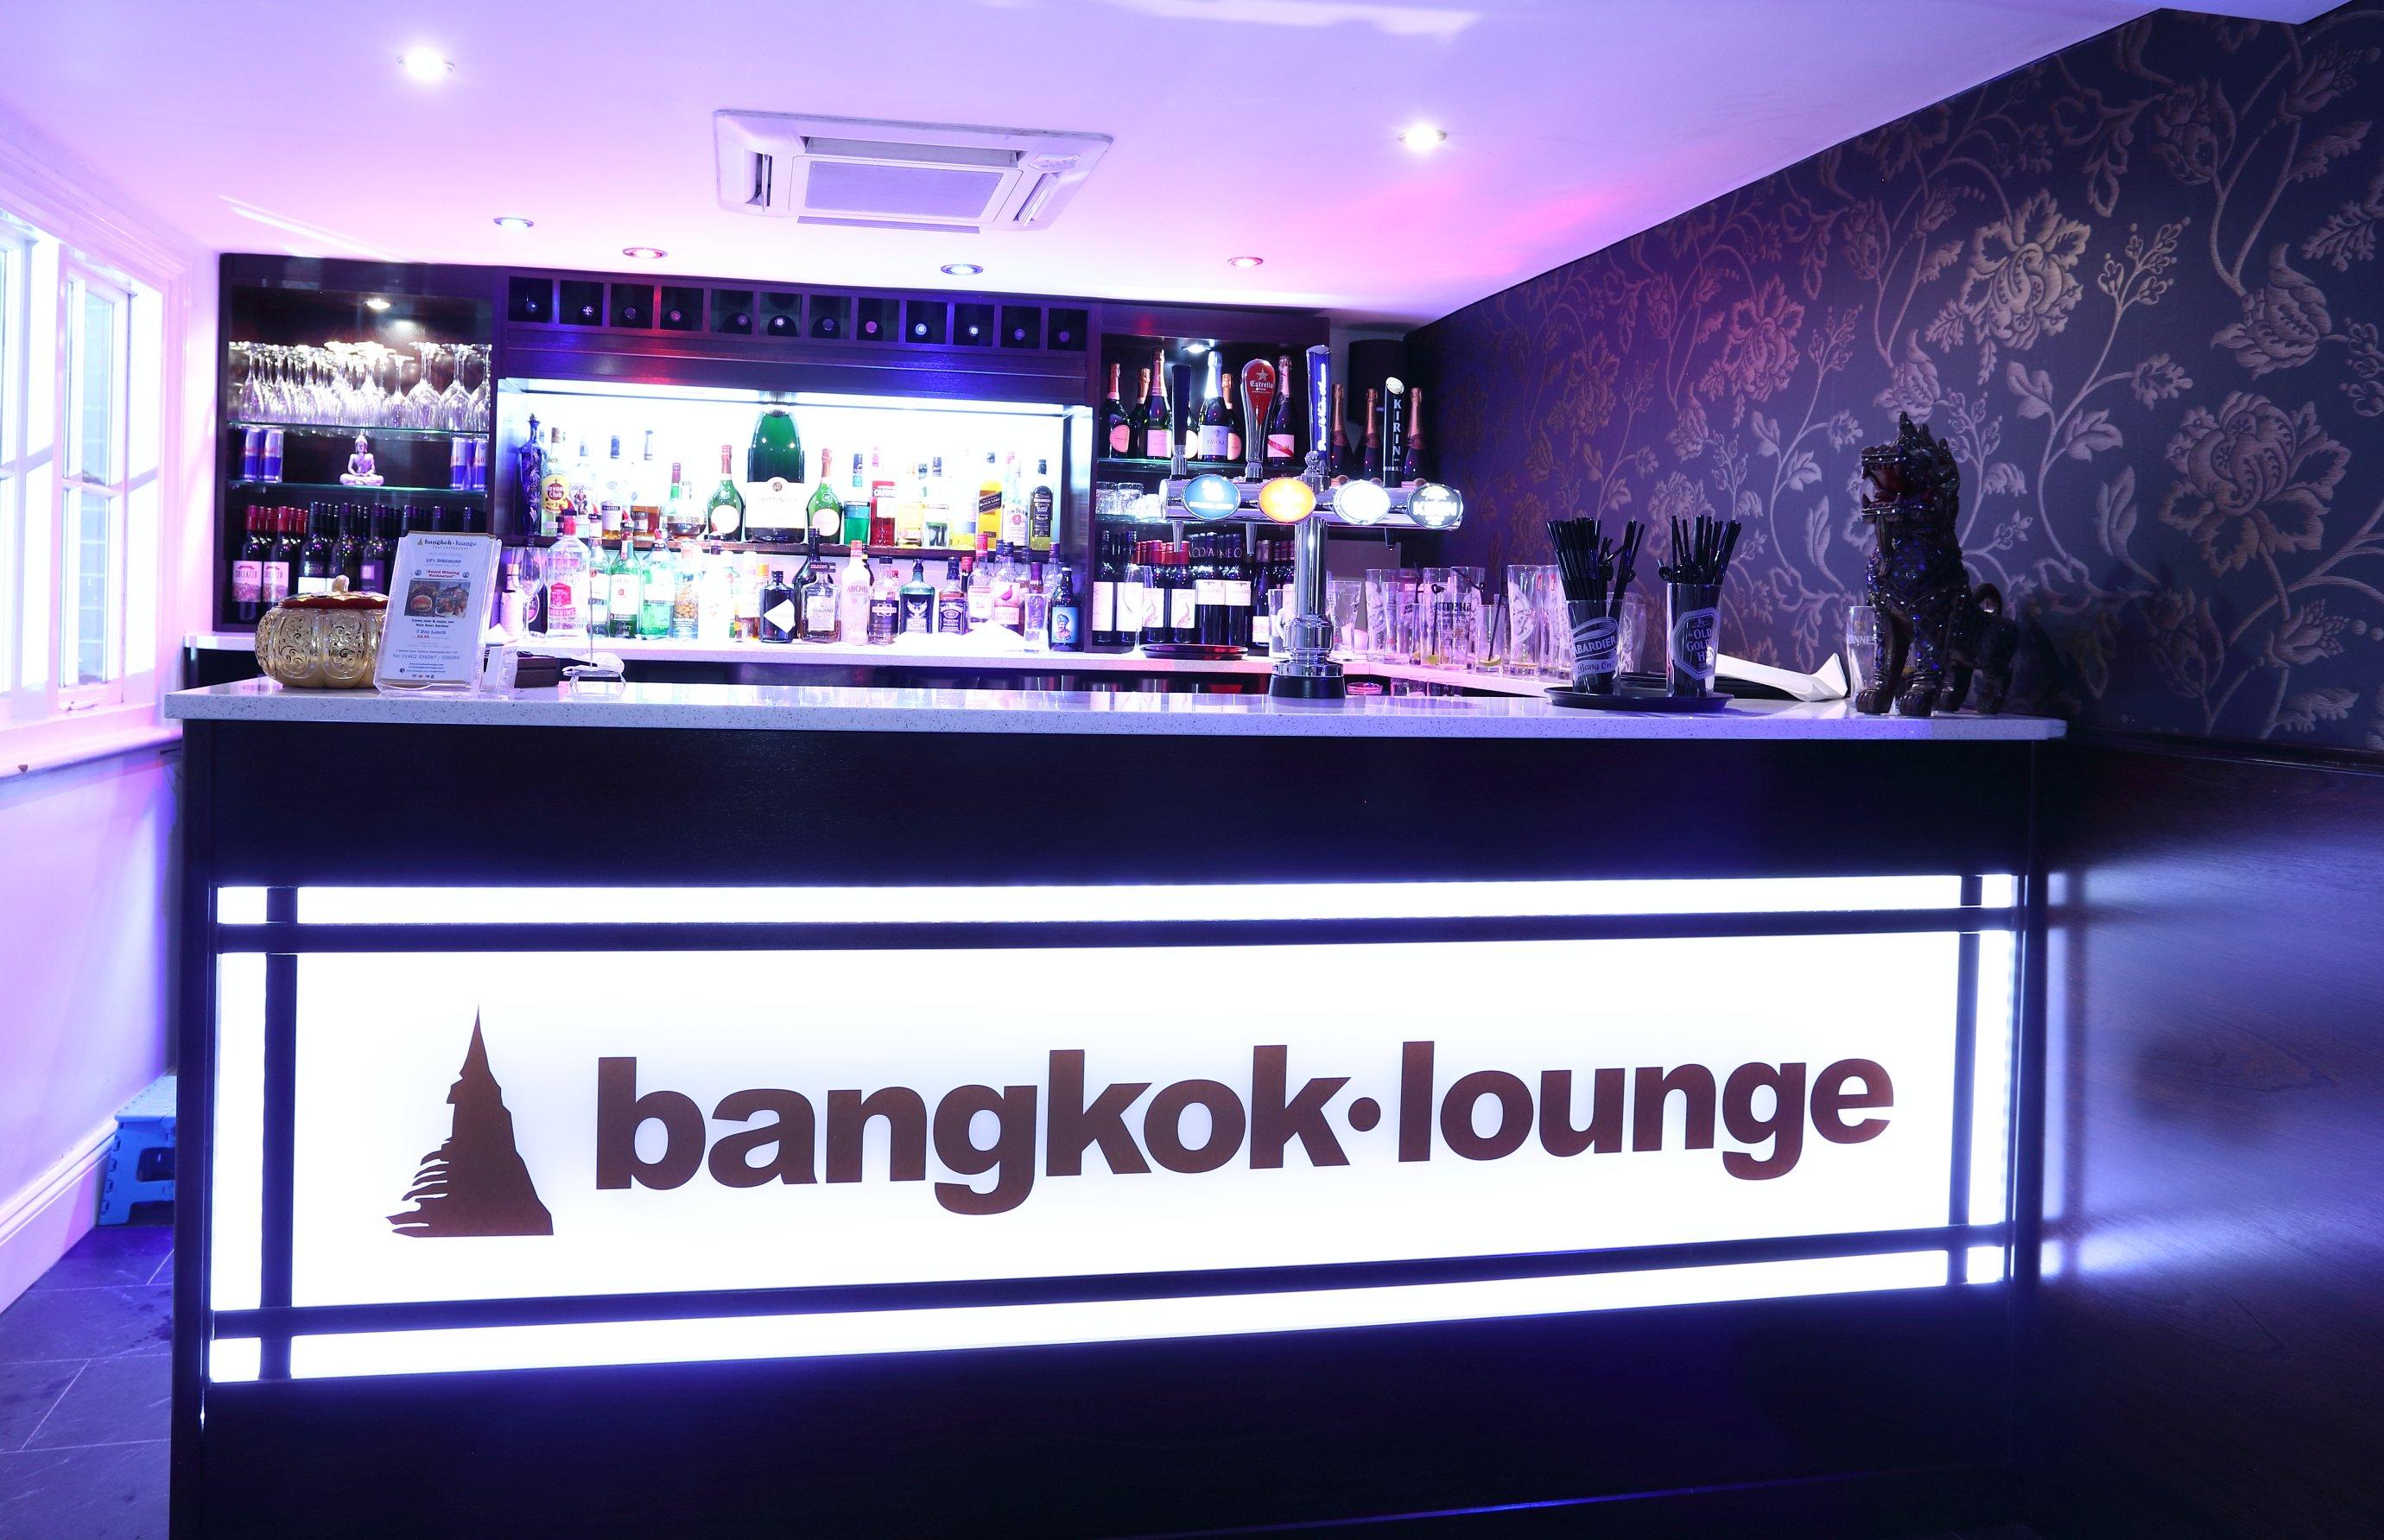 bangkok-lounge-cocktail-bar